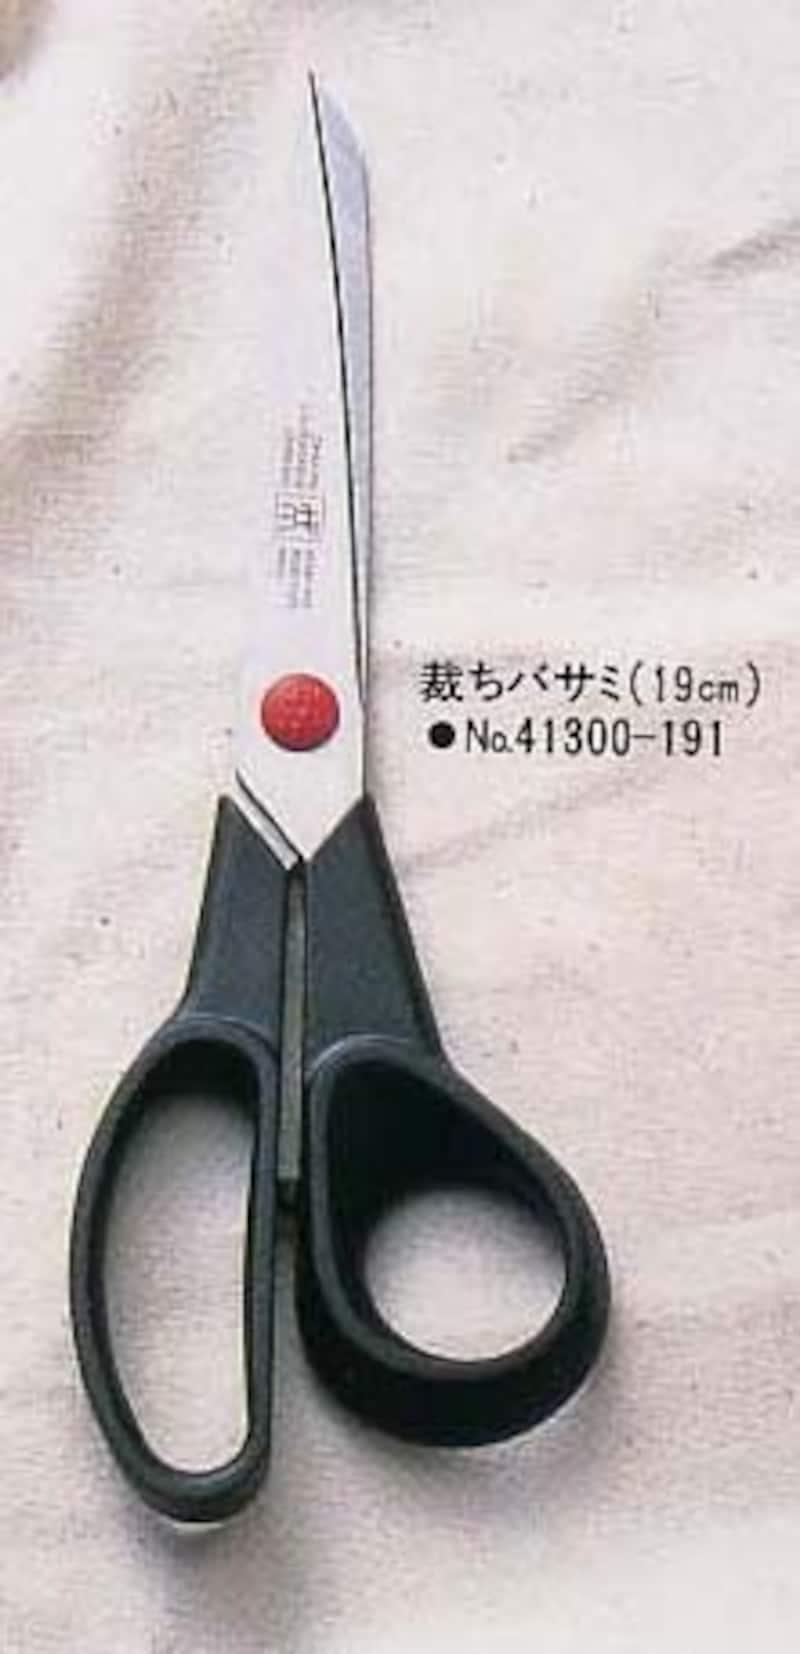 ヘンケルス,ツインLS裁ちバサミ,41300-191